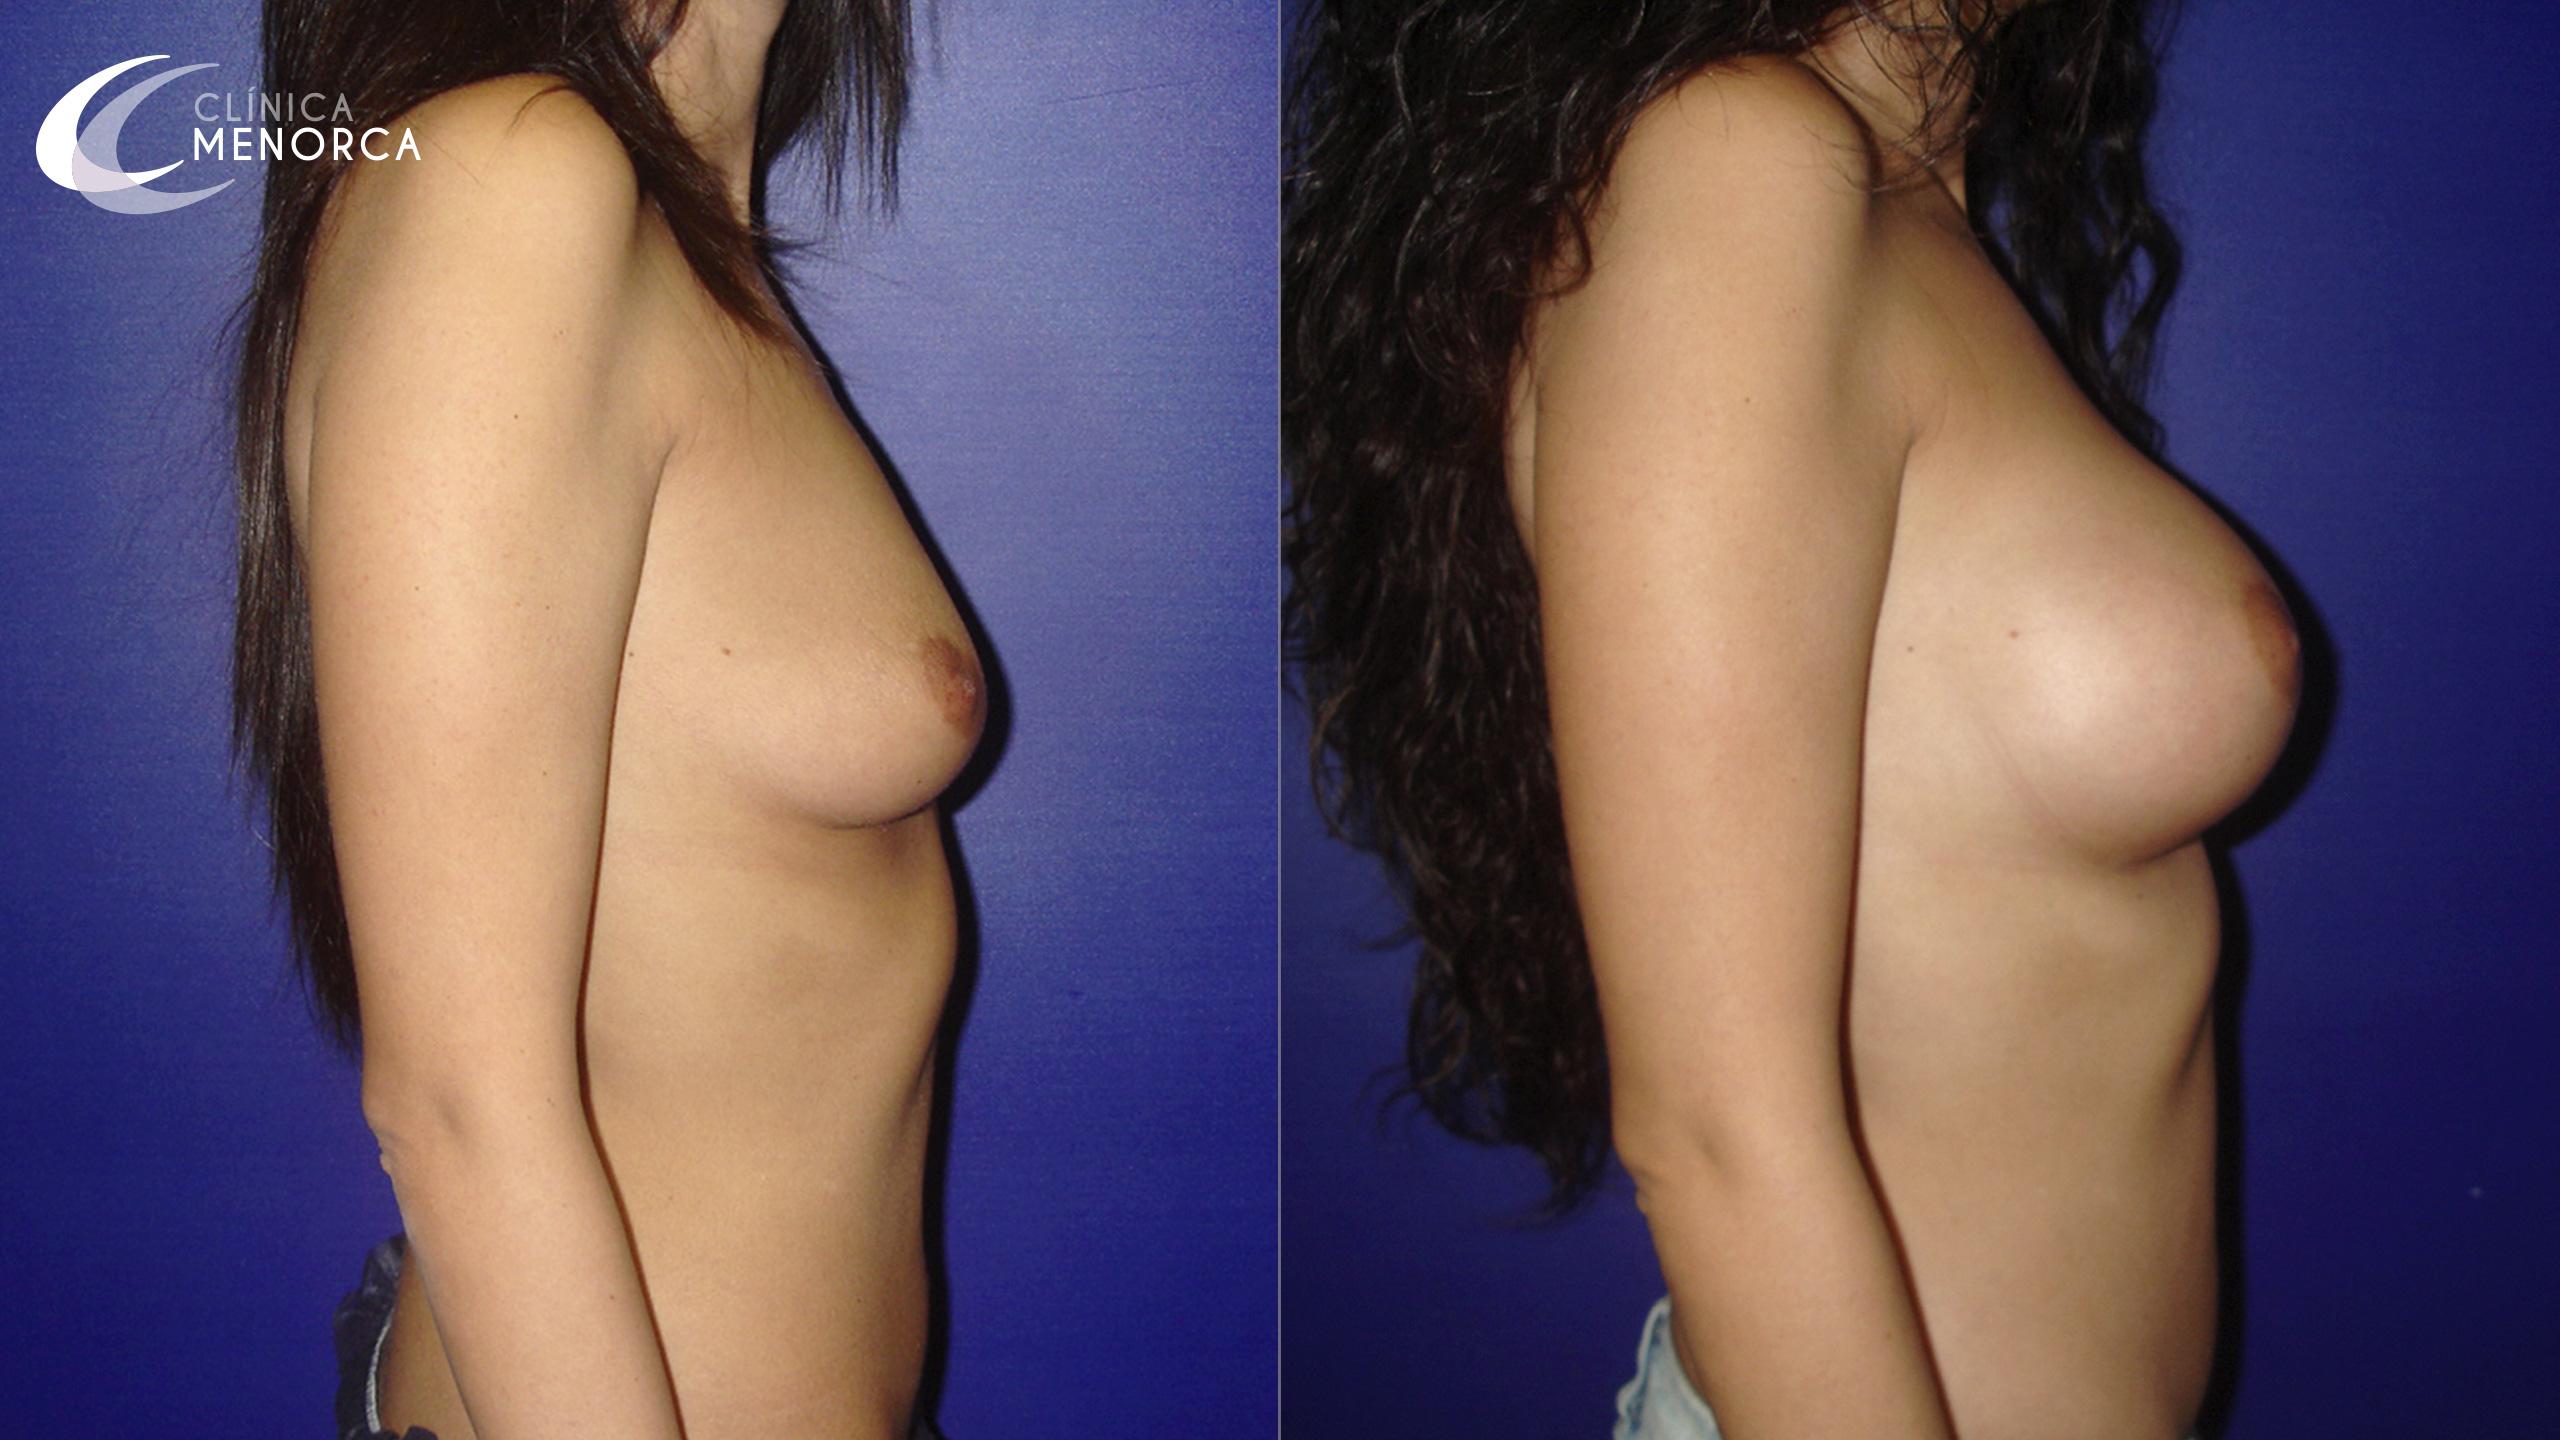 Operación de pecho antes y después